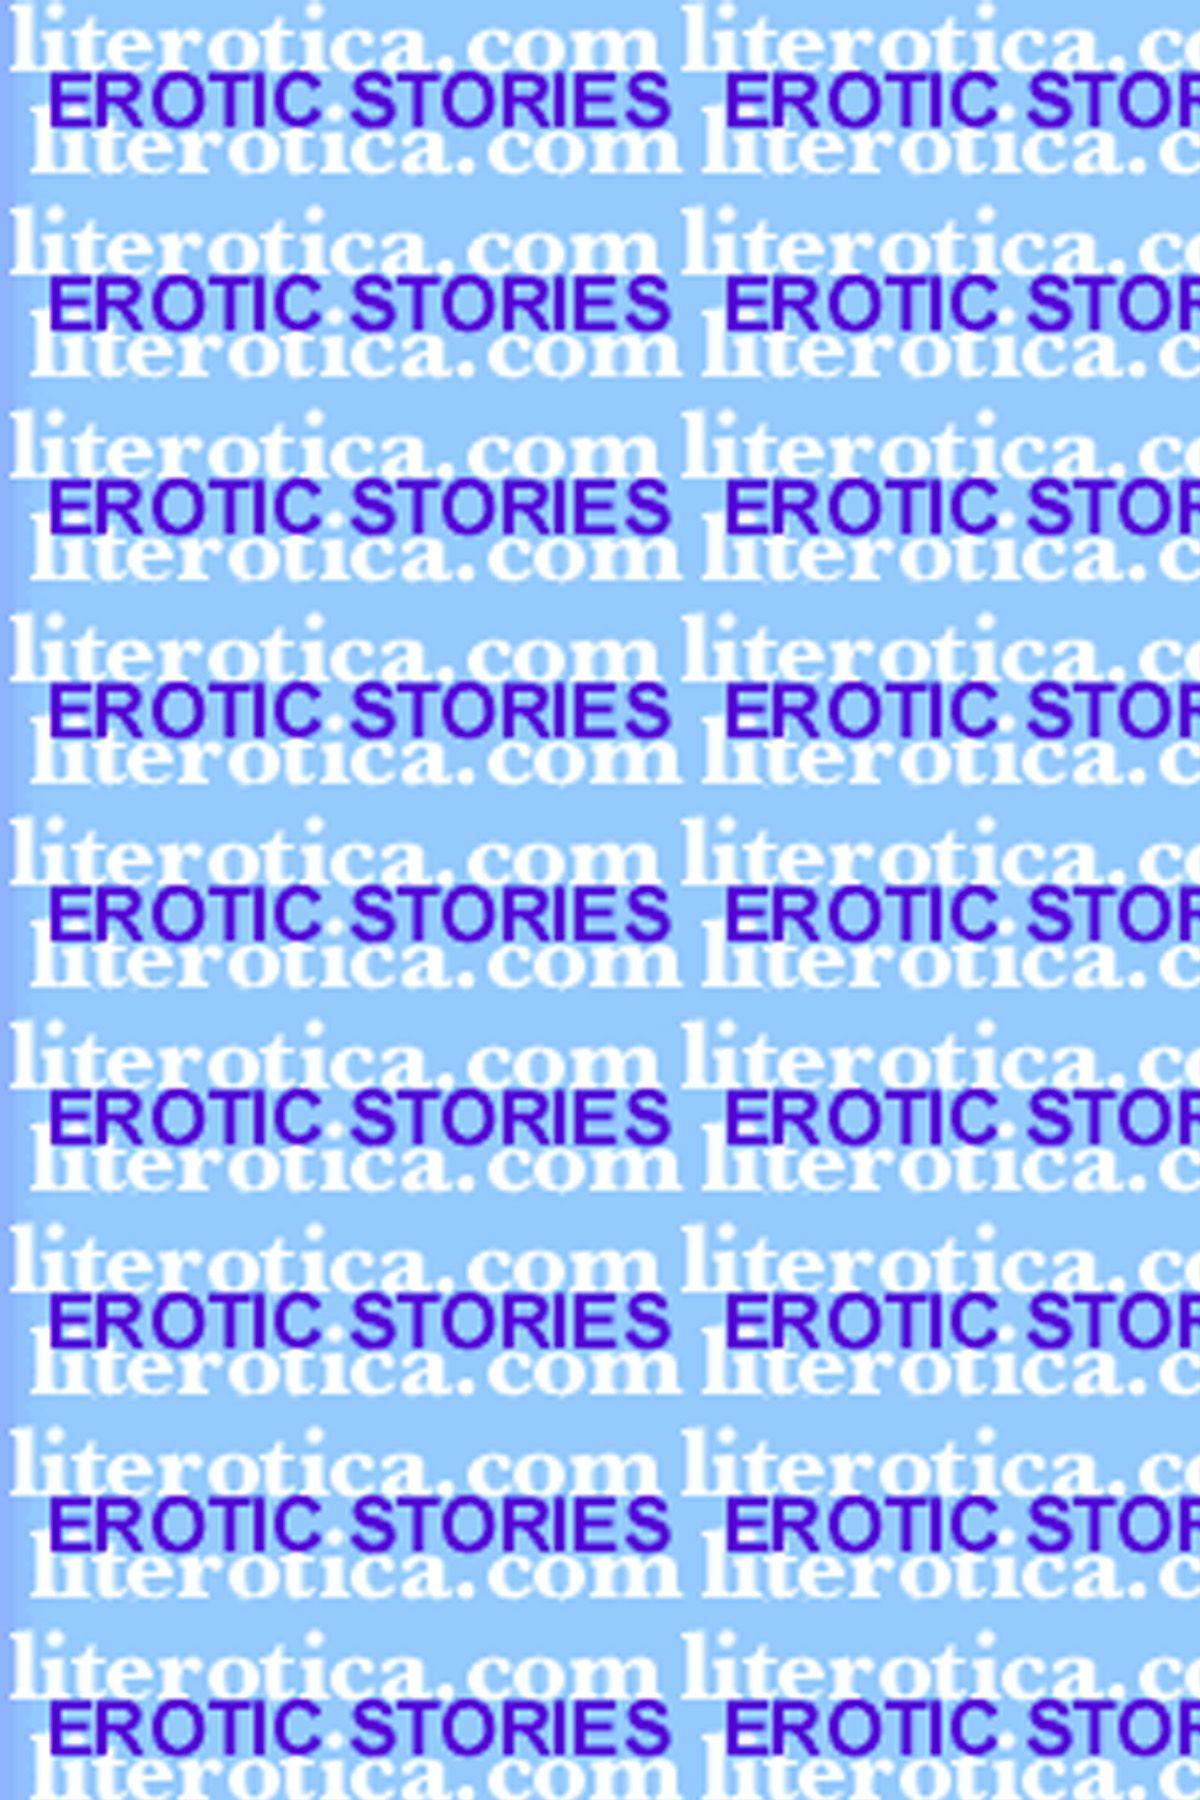 Literotica.com